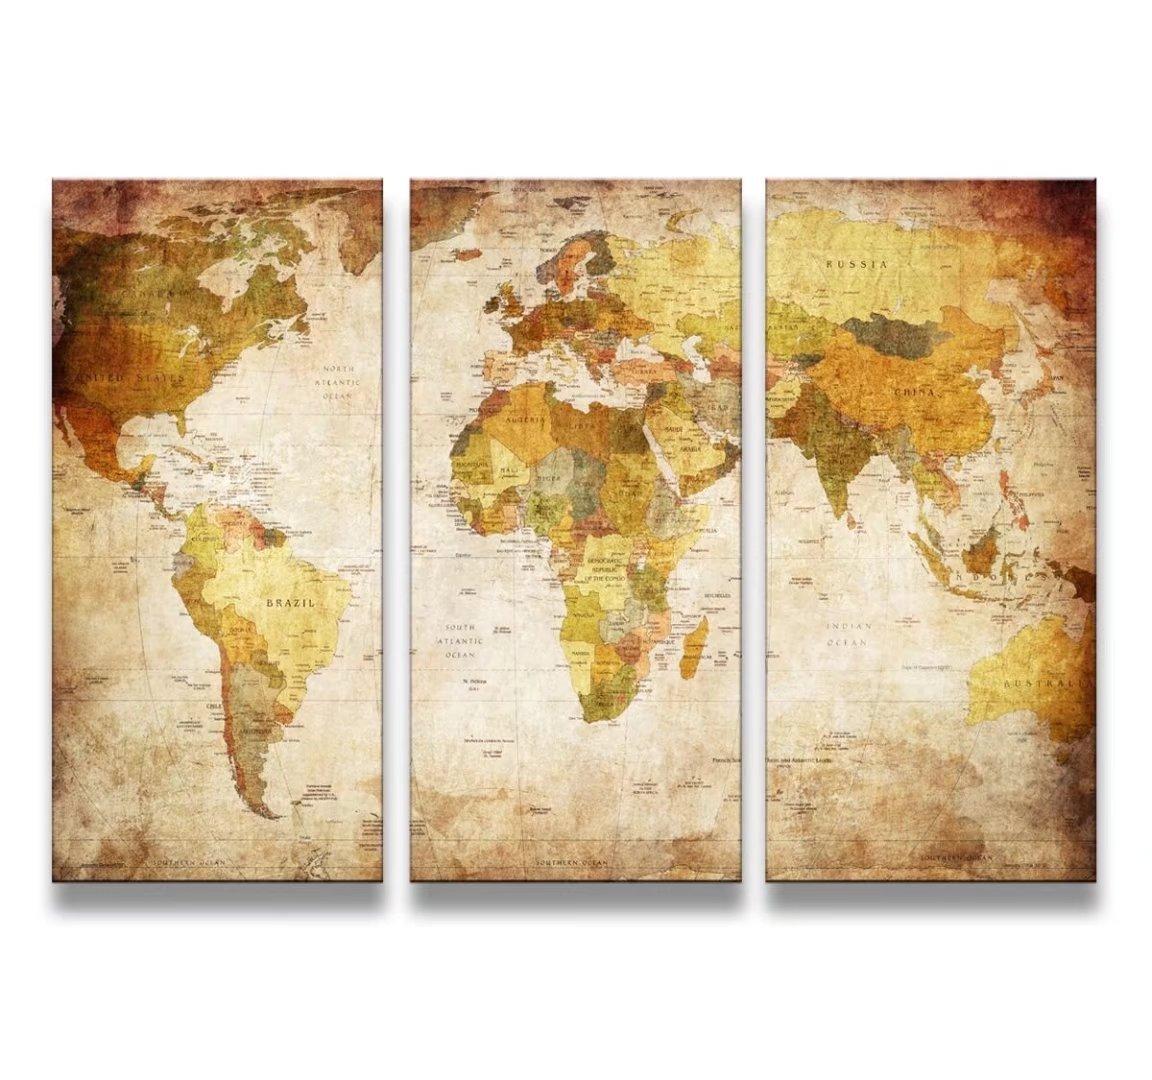 レモンツリーART 世界地図 キャンバスアートパネル アンティーク風世界地図 アートフレーム キャンバス絵画 インテリアパネル インテリア絵画 インテリア装飾 壁飾り ワールドマップ 木枠付きの完成品(40cm*80cm*3パネル) B071VK4XPQアートパネル(40cm*80cm*3)